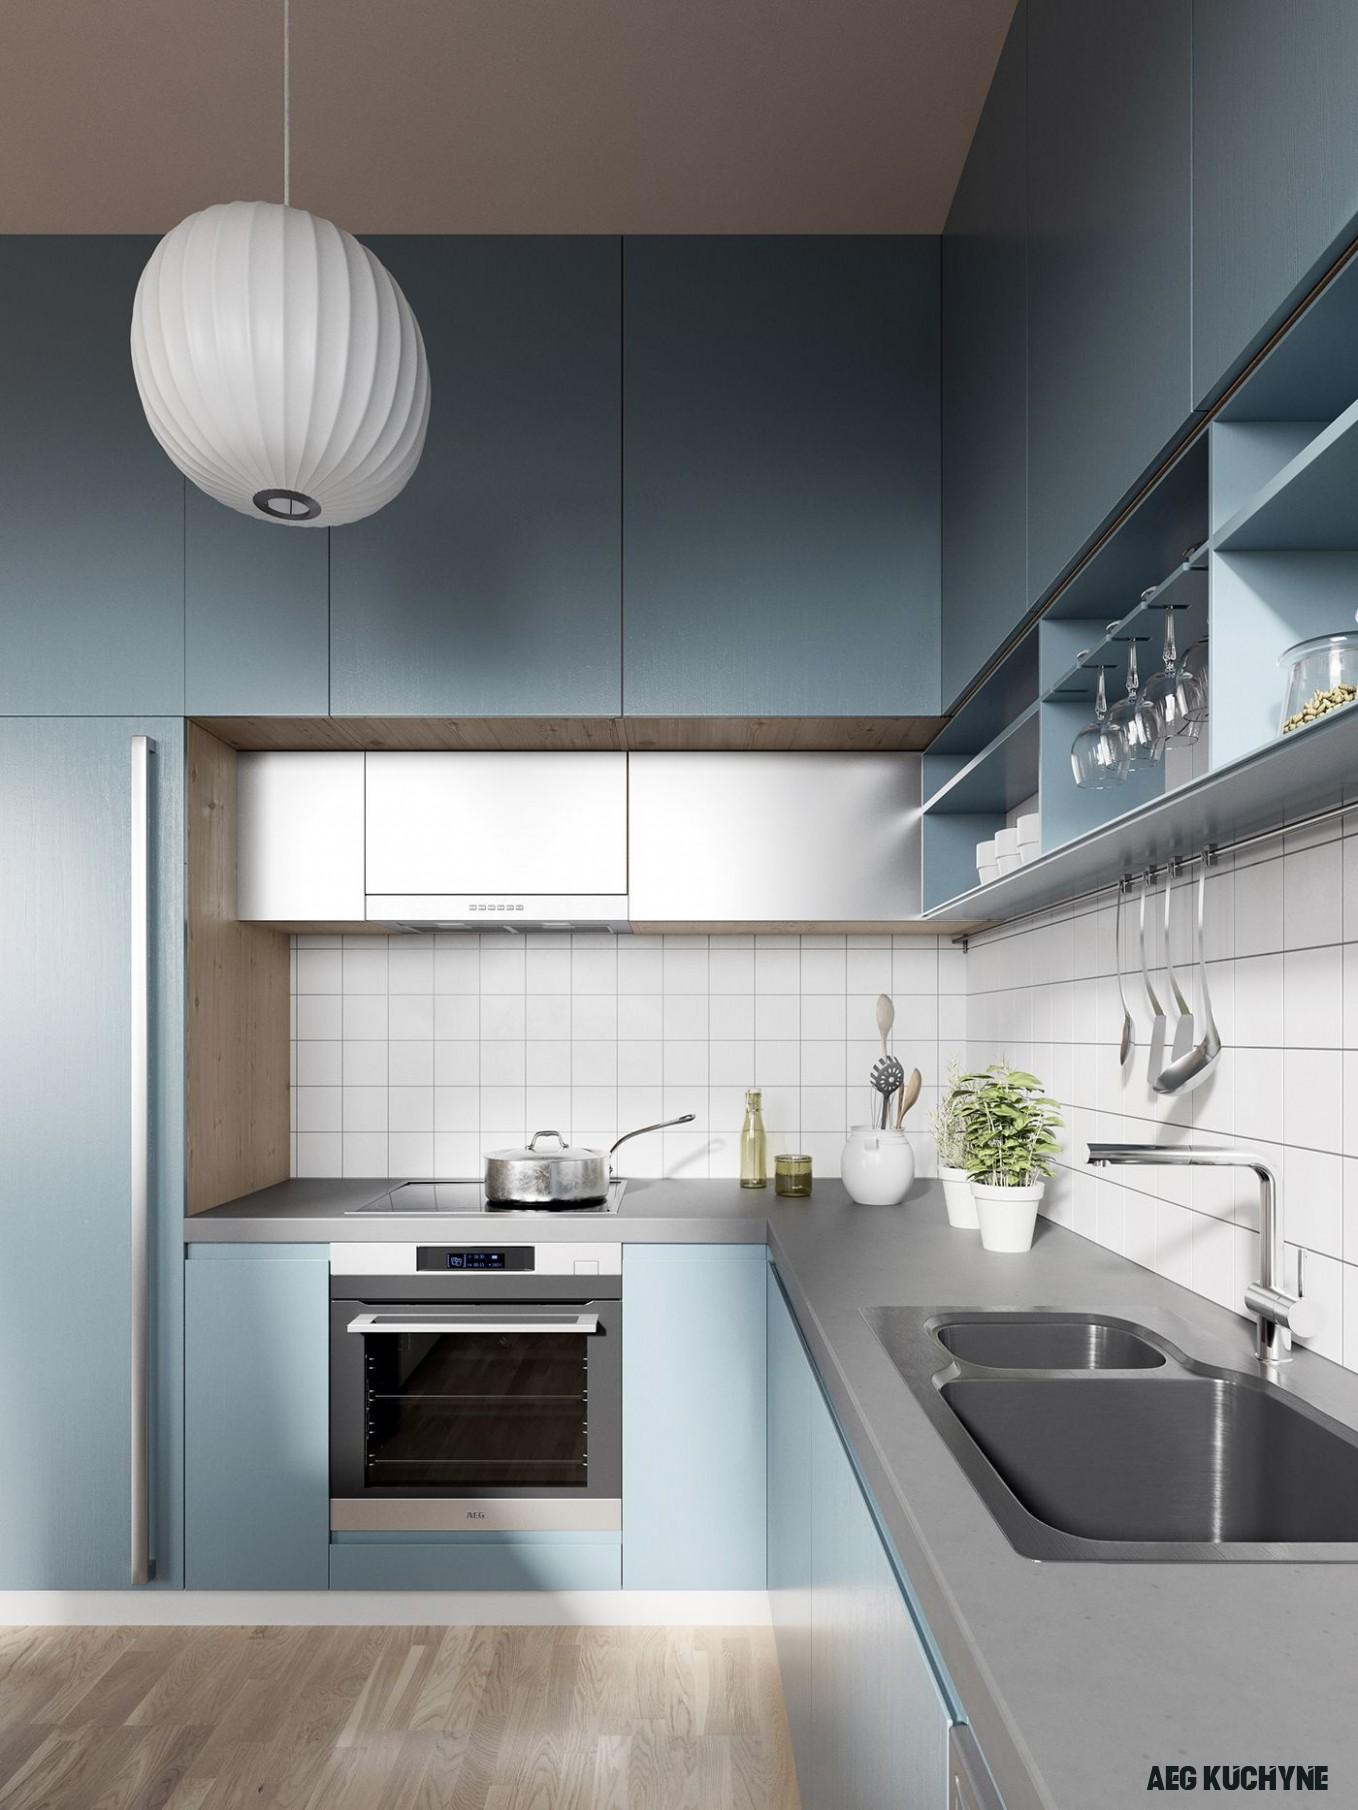 Pin by Lenka Vášová on Interiéry  Home decor kitchen, Kitchen